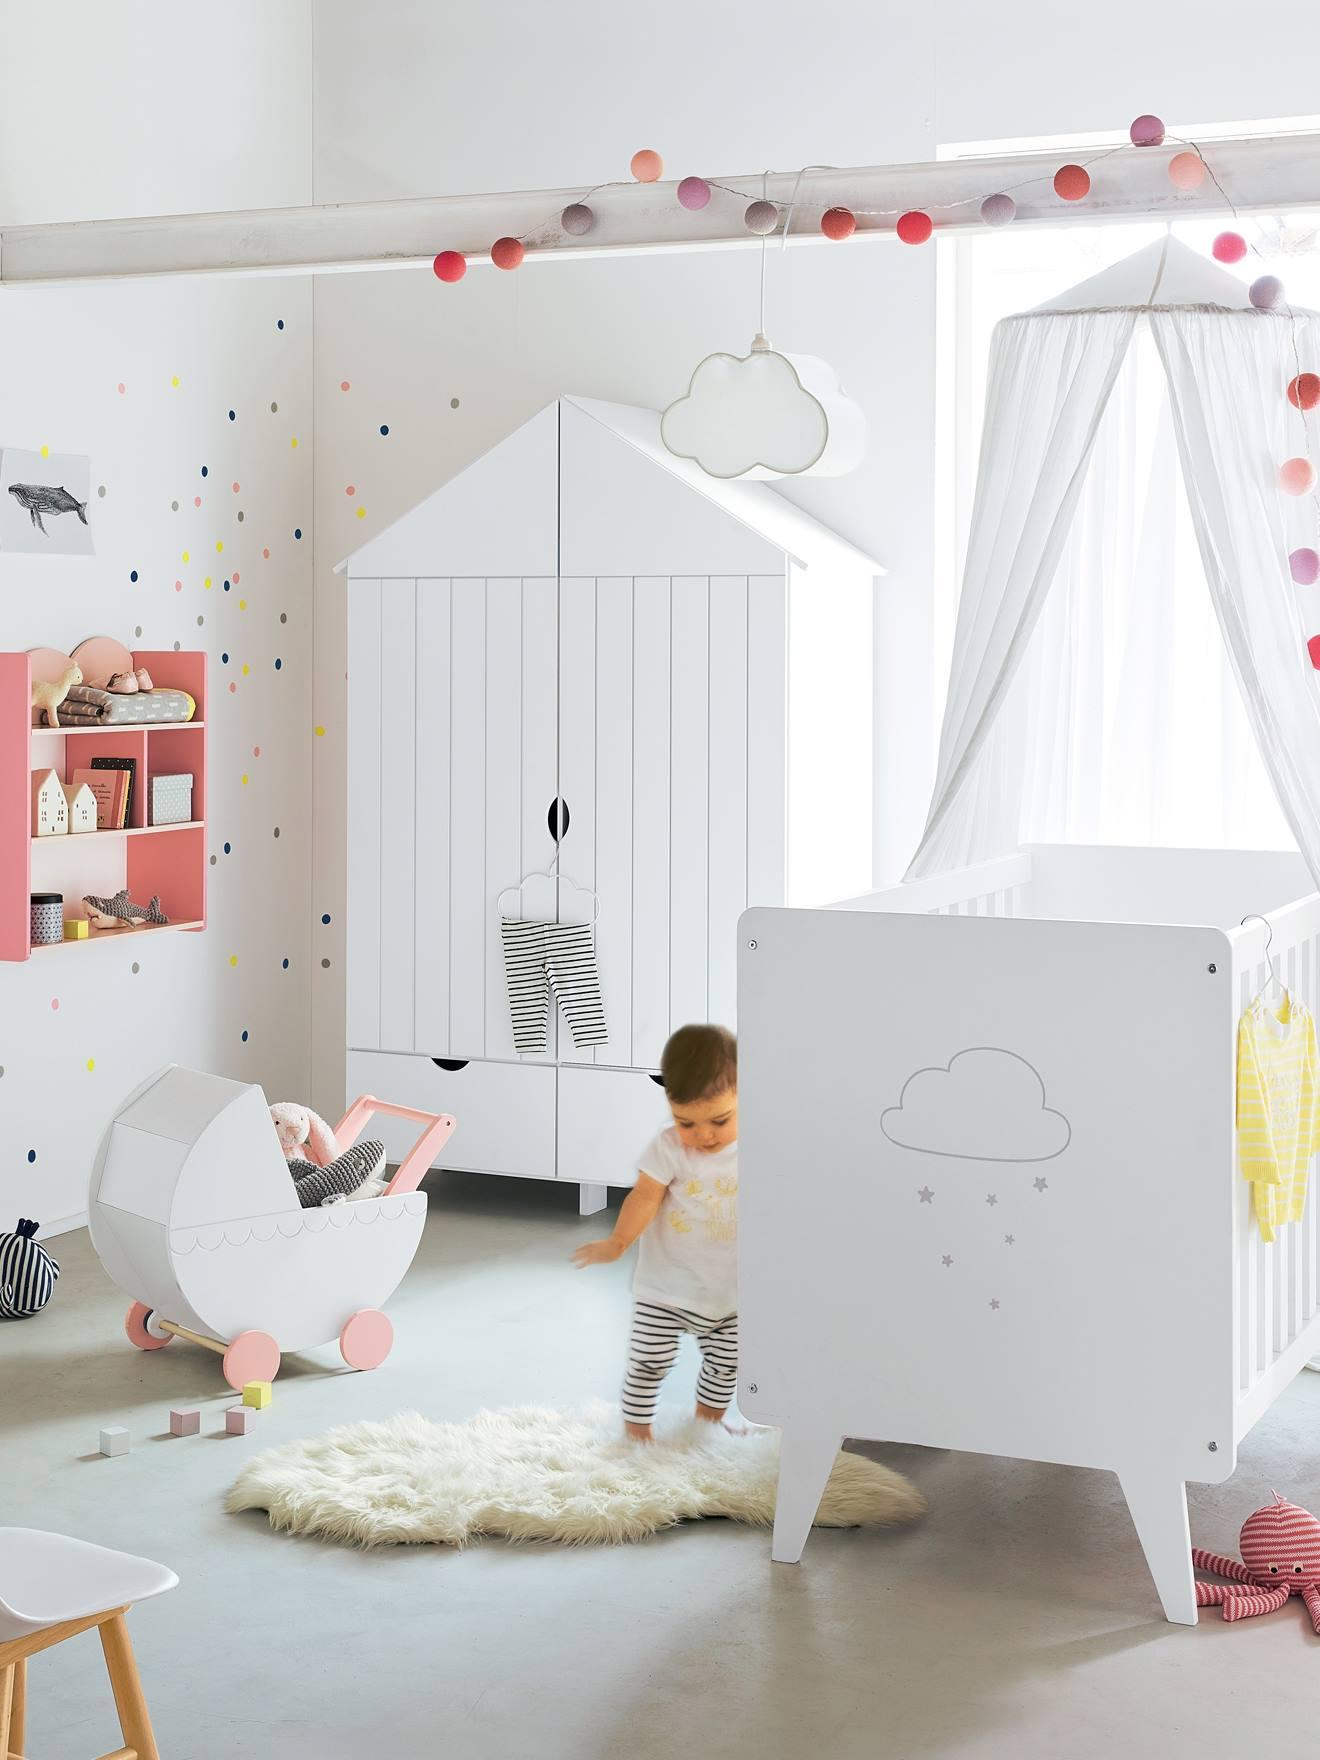 lit bb vertbaudet linge with lit bb vertbaudet lit bb. Black Bedroom Furniture Sets. Home Design Ideas